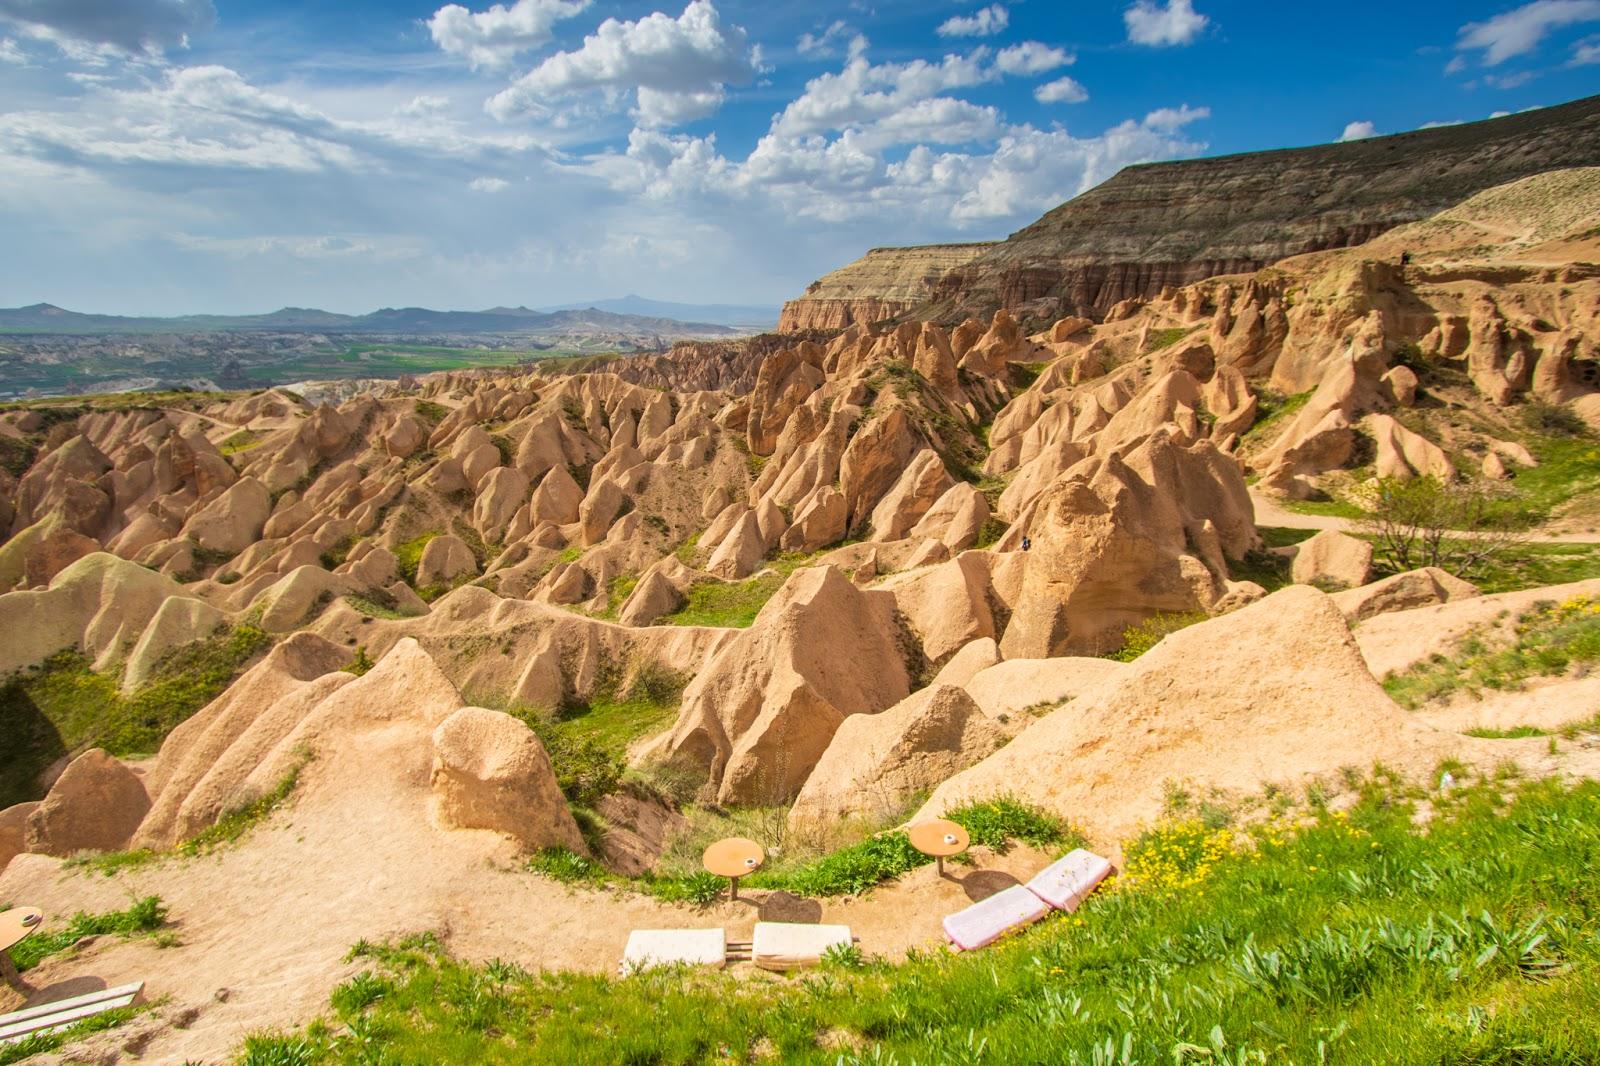 Cosa vedere a Goreme ed in Cappadocia: itinerario di 3 giorni